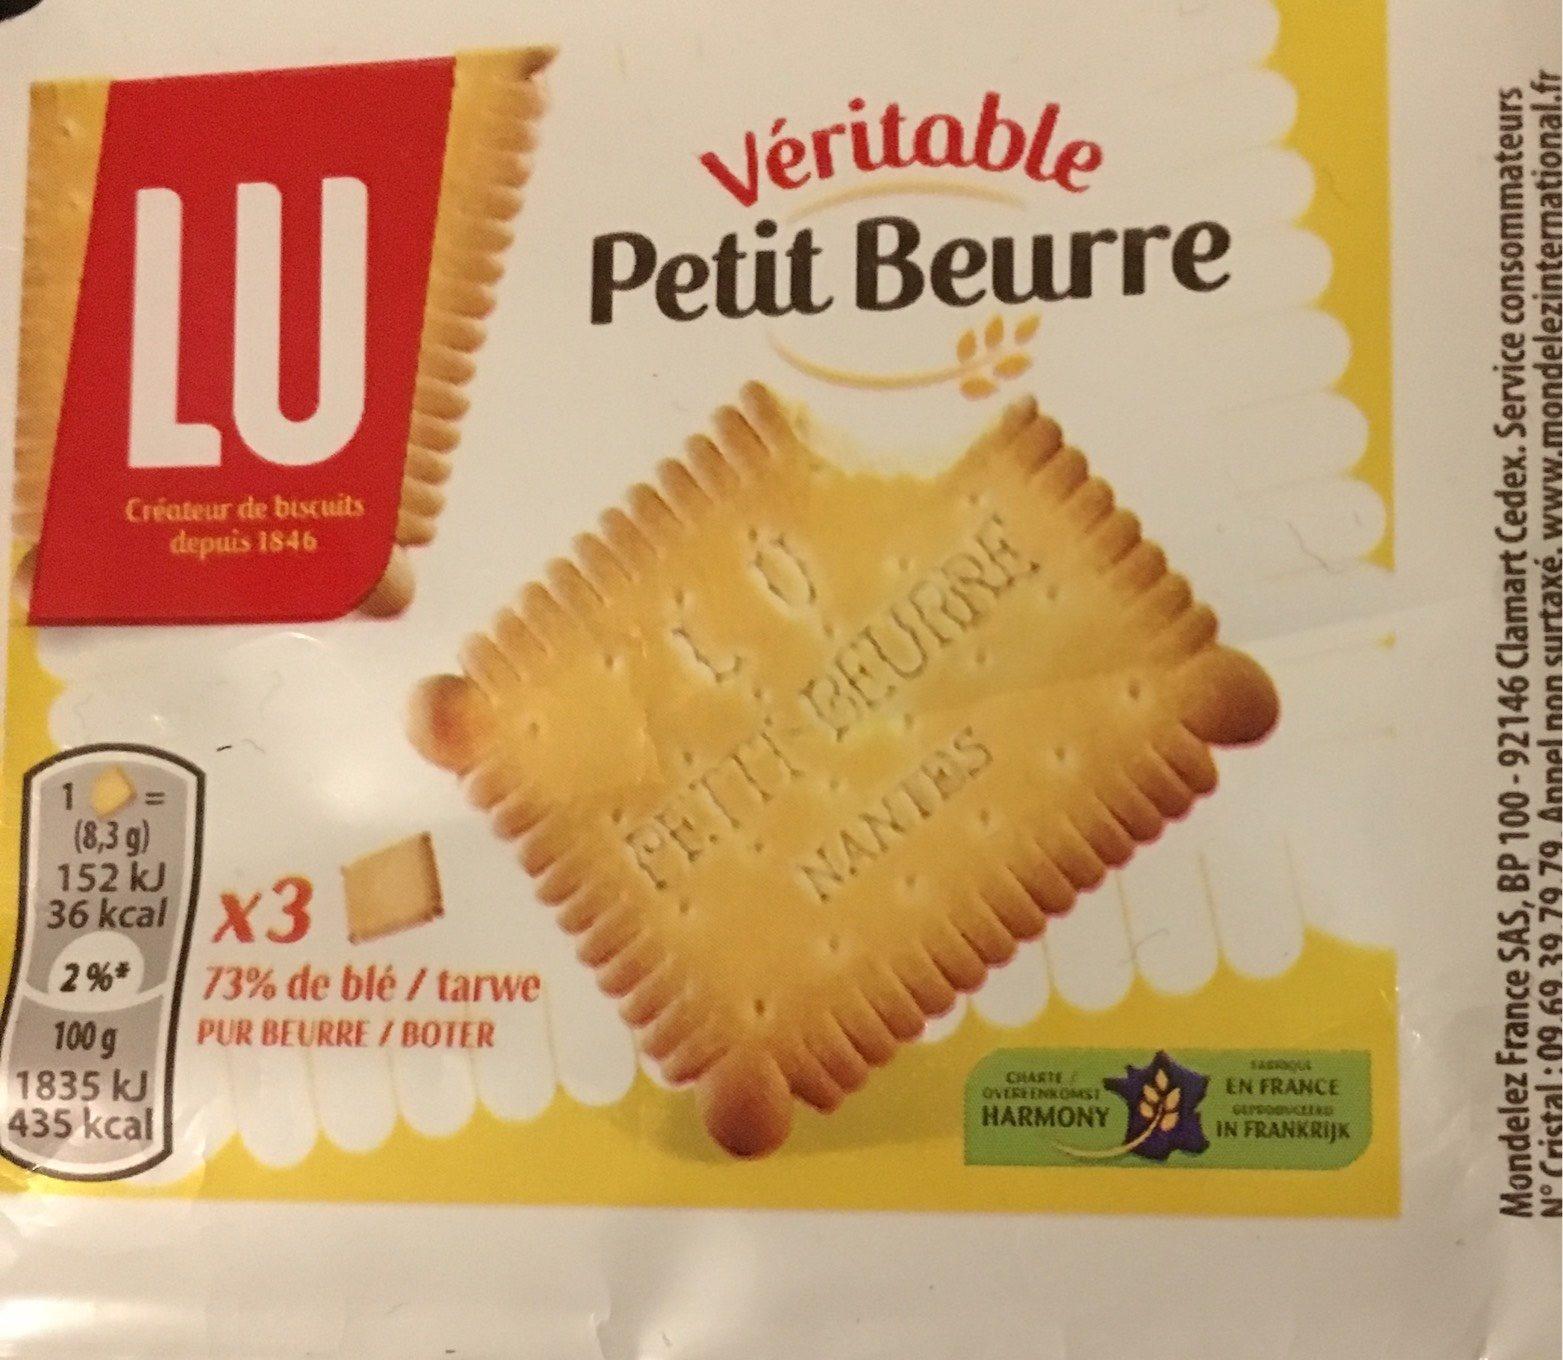 Veritable Petit Beurre - Product